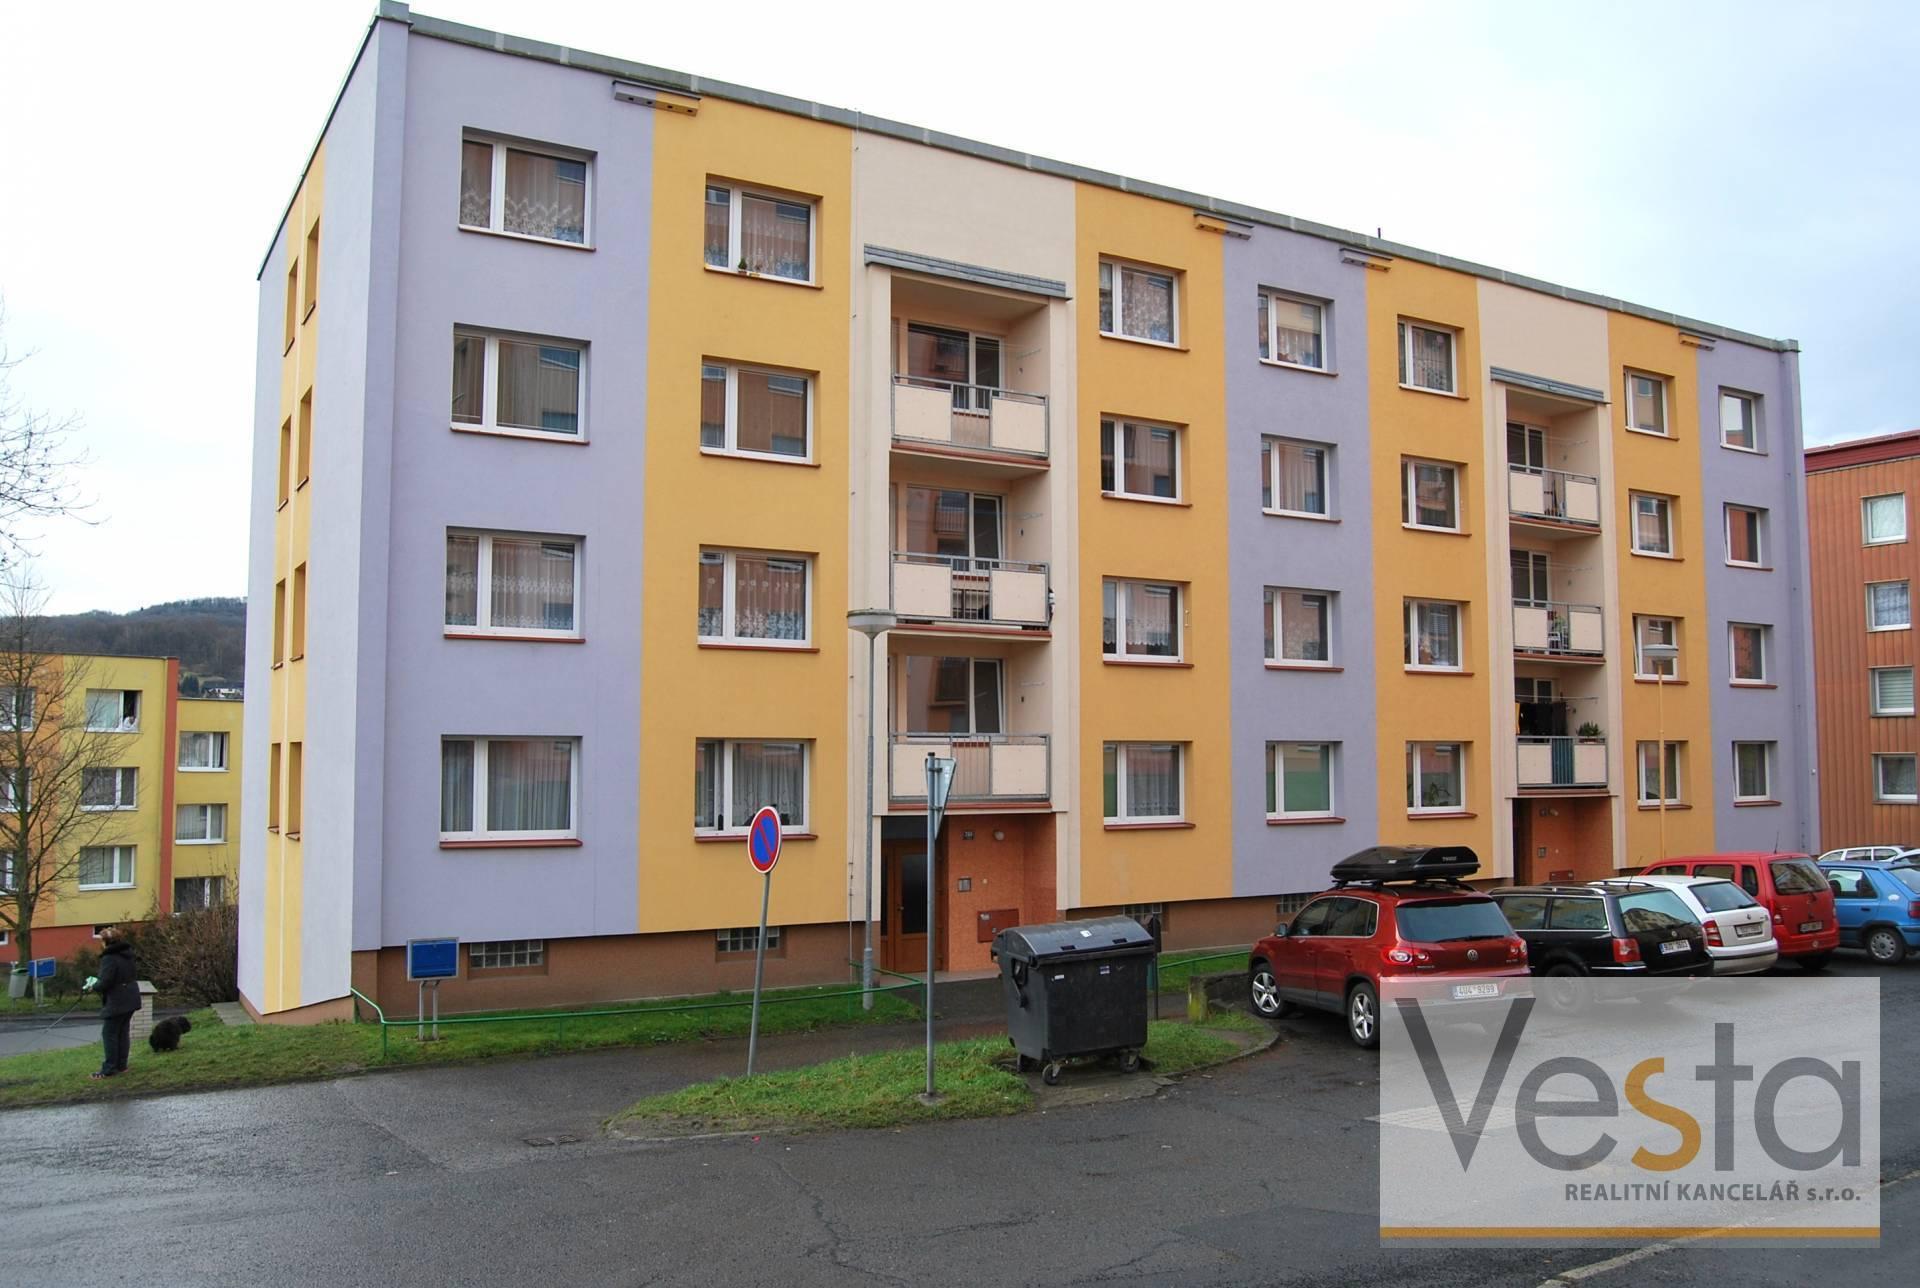 Světlý byt 3+1 v obci Jílové u Děčína, 65 m2